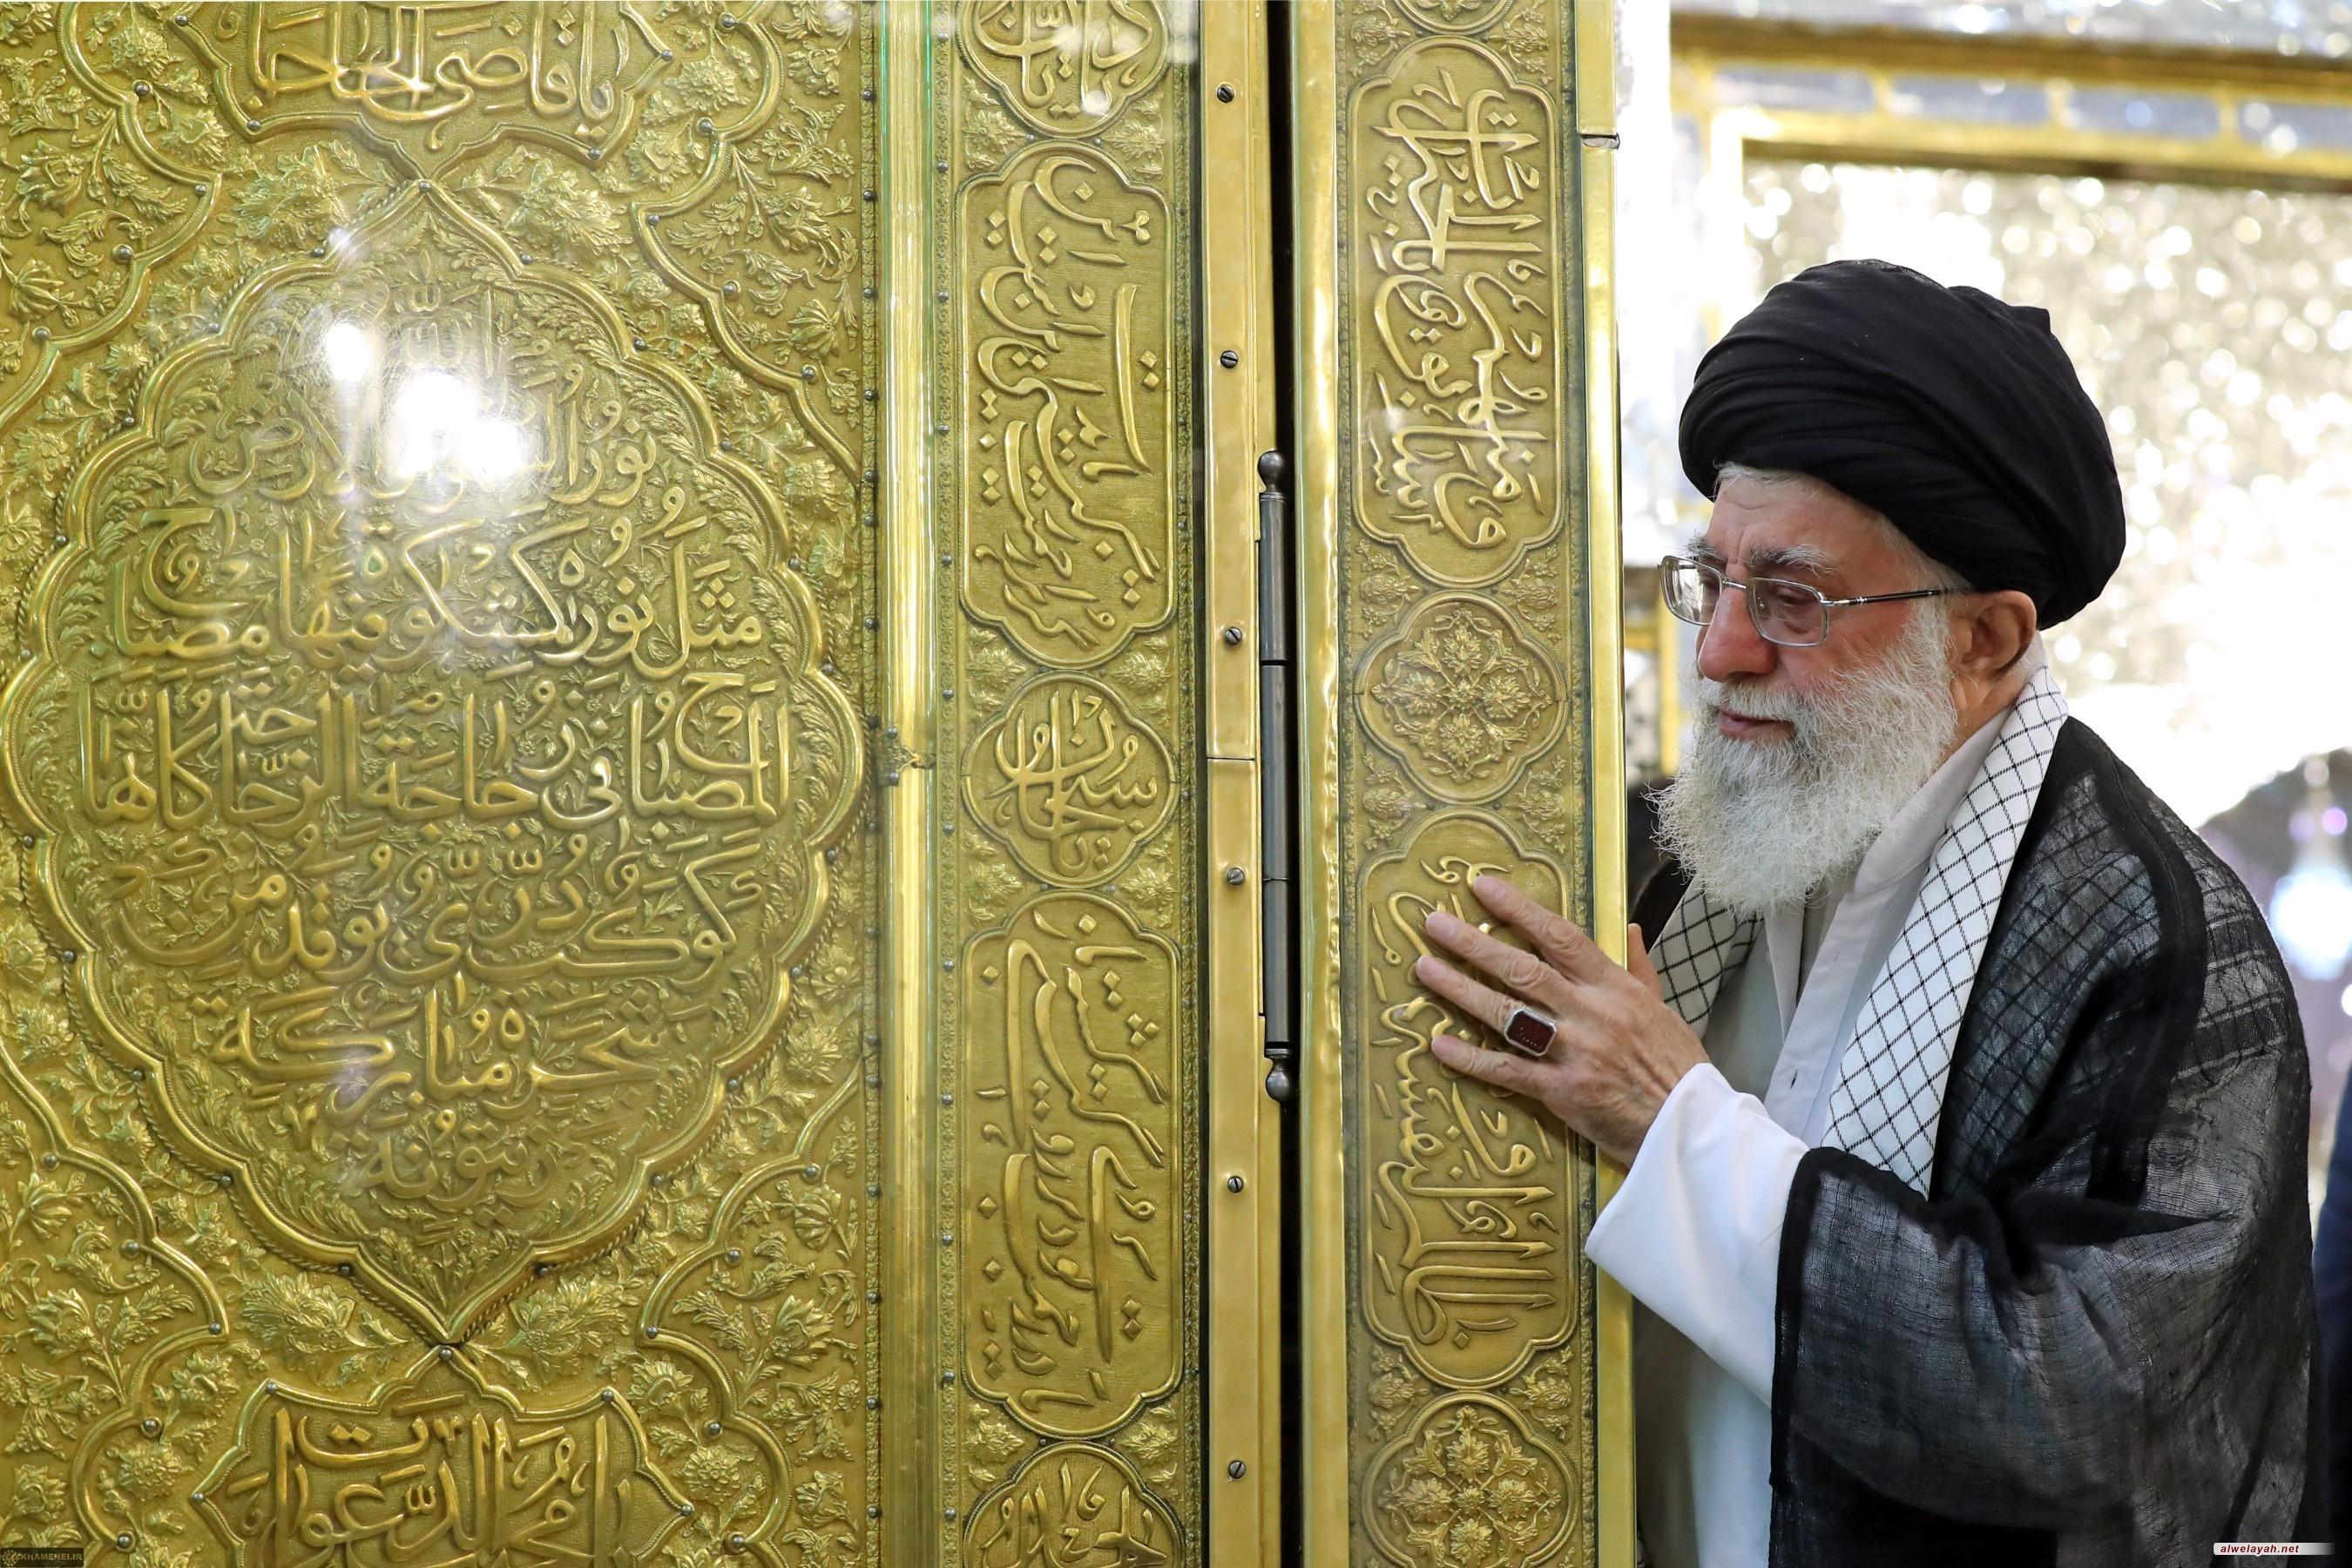 ما هي الآداب التي يوصي الإمام الخامنئي بمراعاتها خلال زيارة الأئمة المعصومين؟